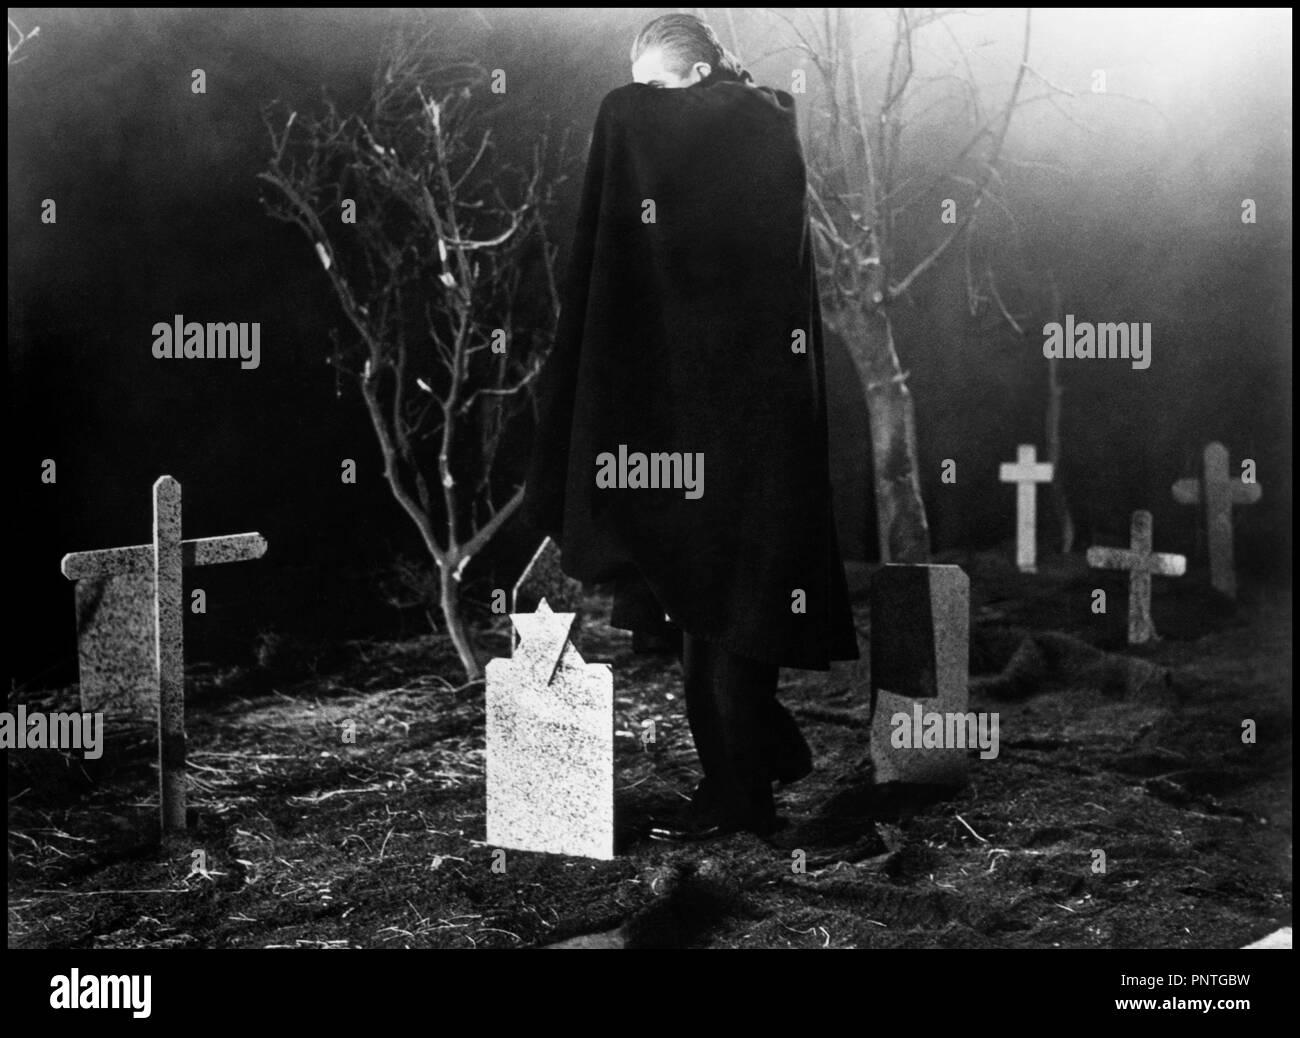 Prod DB © Reynolds Pictures / DR PLAN 9 FROM OUTER SPACE de Ed Wood 1958 USA avec Tom Mason (doublure de Bela Lugosi, mort pendant le tournage)  science-fiction, classique de la serie B, cimetiere, vampire, se cacher réalisateur: Edward D. Wood Jr - Stock Image